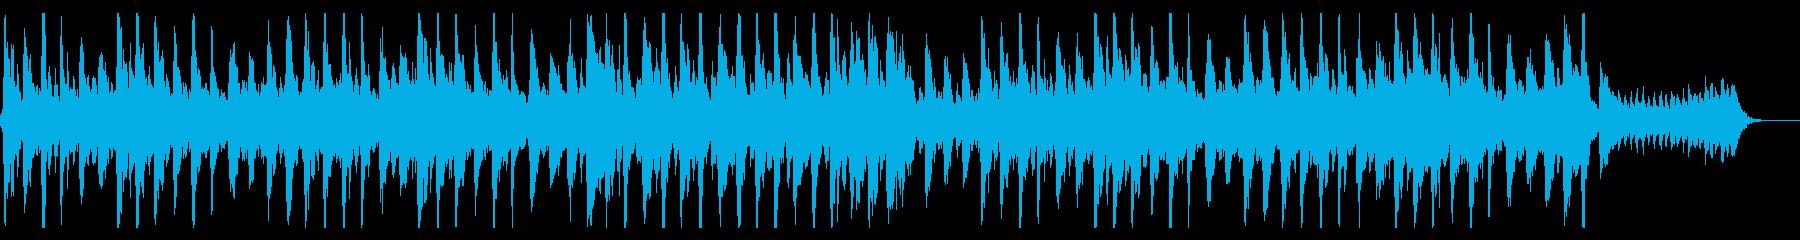 Nautilusの再生済みの波形